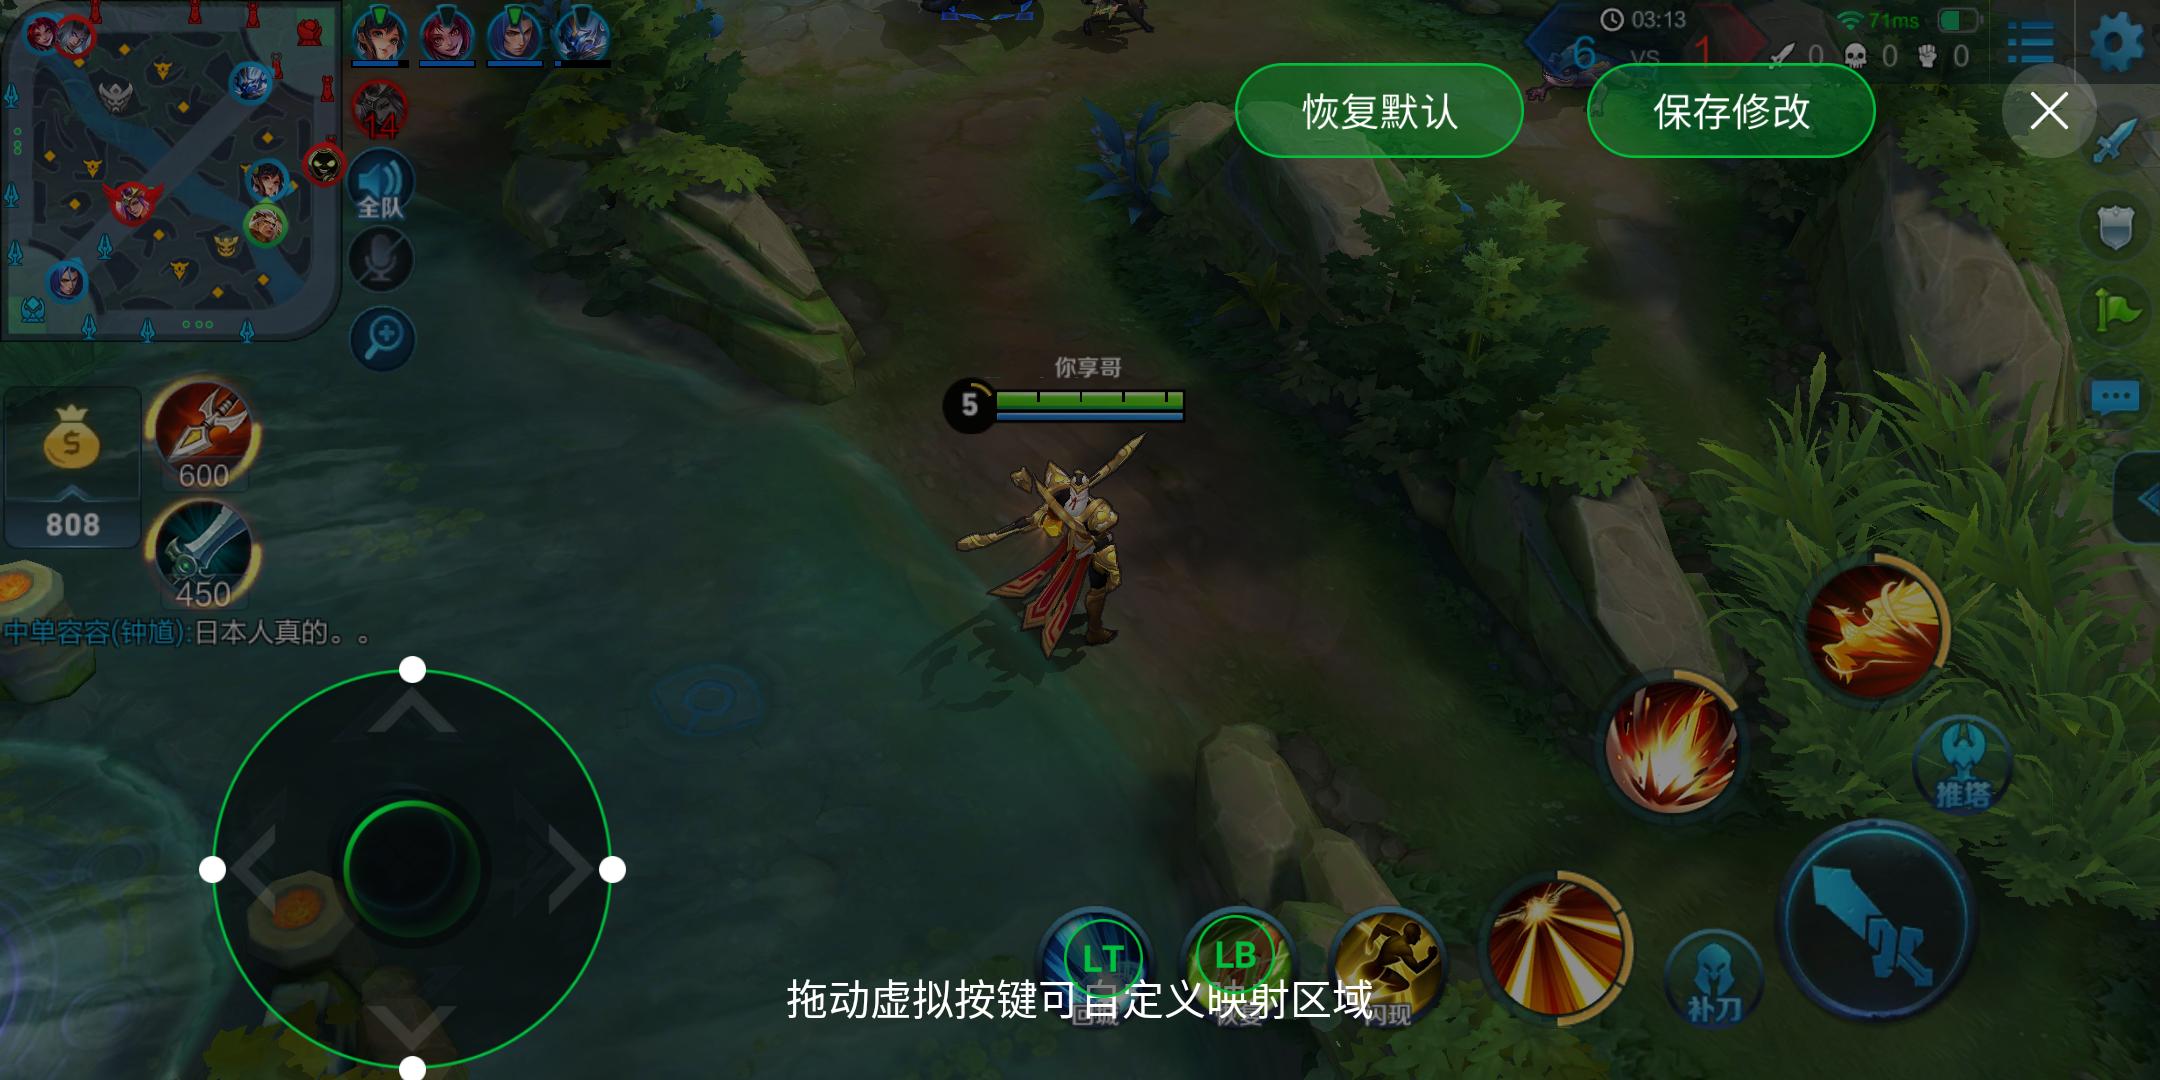 Screenshot_2018-06-05-14-40-19-693_com.tencent.tmgp.sgame.png